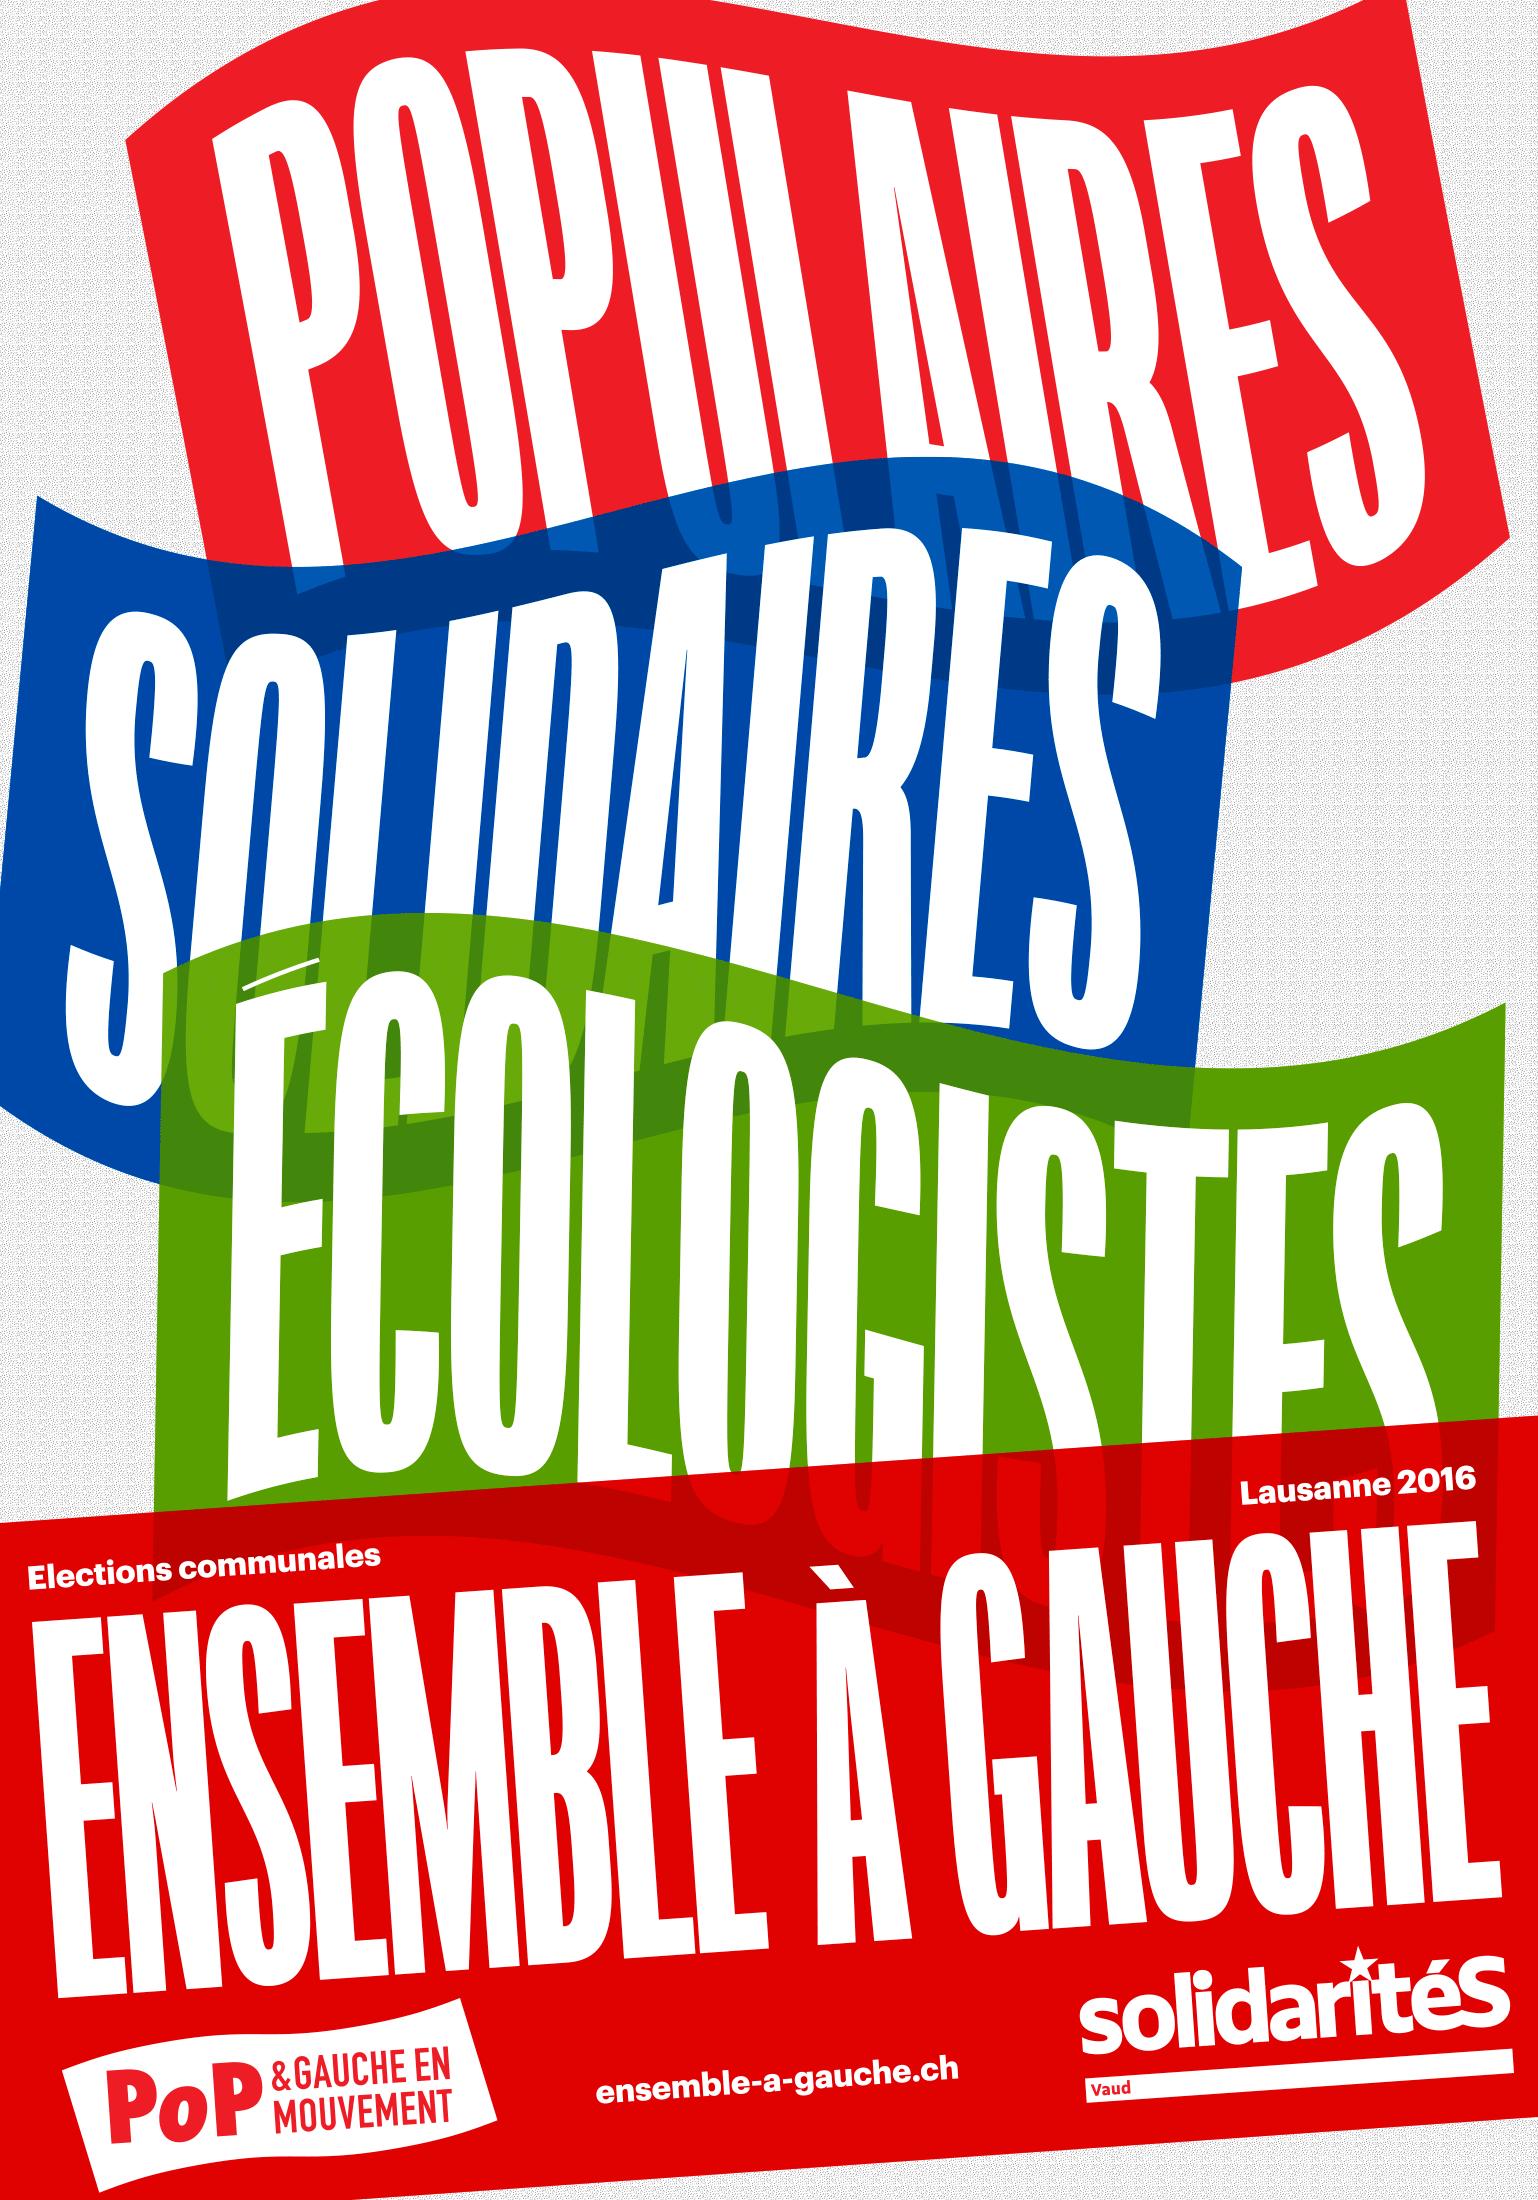 Affiche d'Ensemble à Gauche pour les élections communales de Lausanne